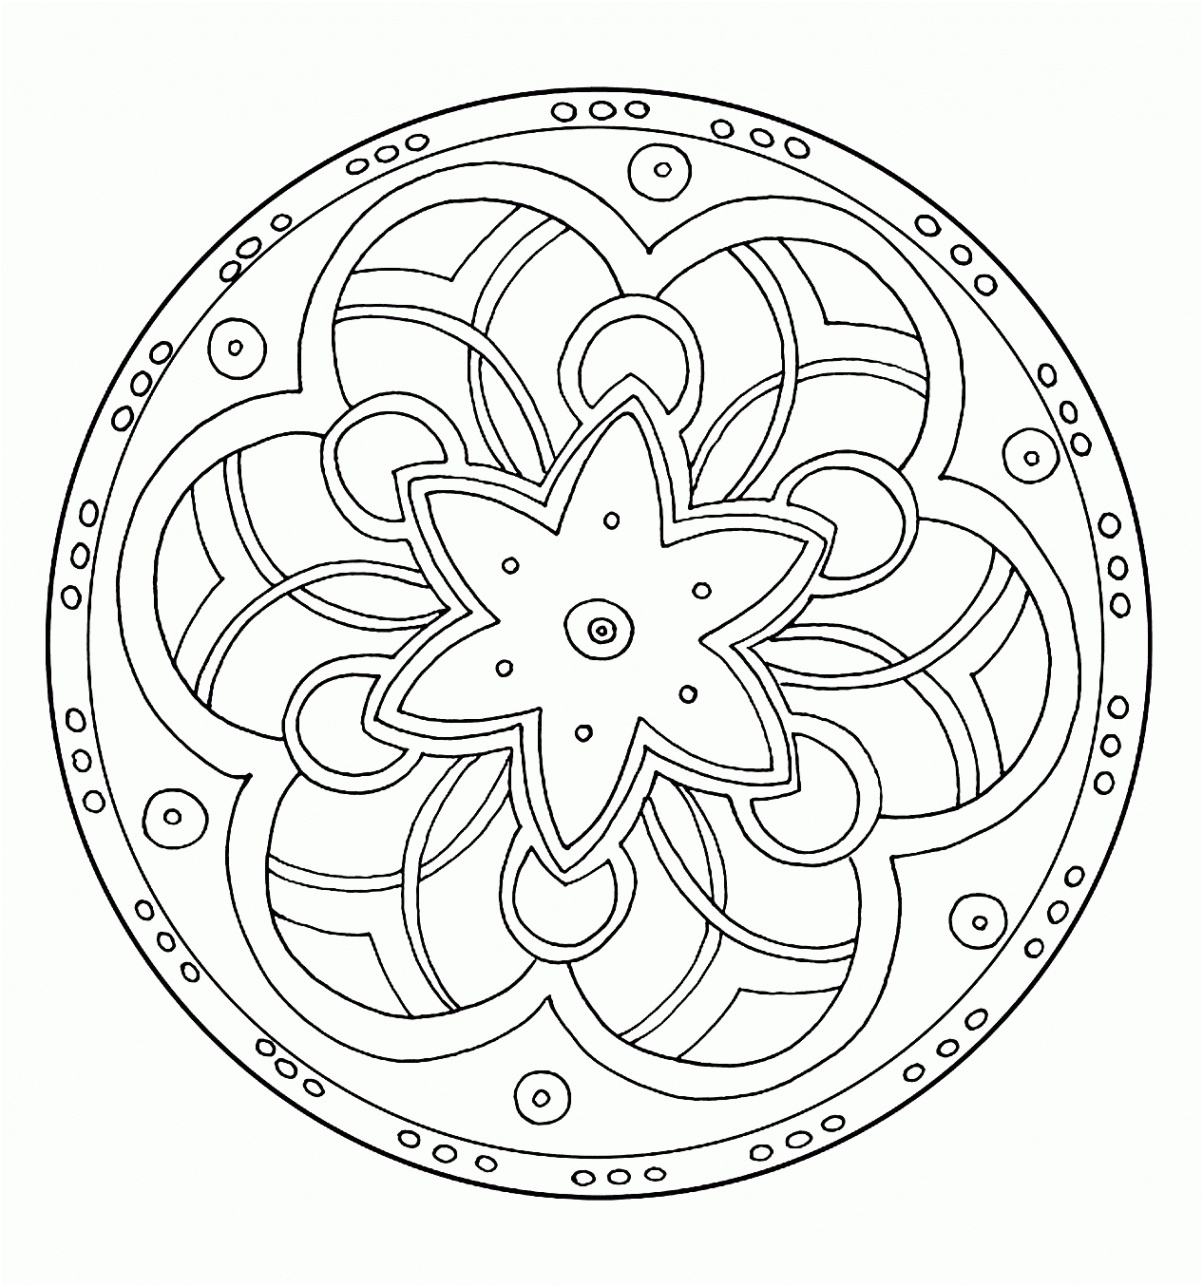 8 Calme Coloriage Enfant 5 Ans Image - Coloriage avec Mandala Pour Petit